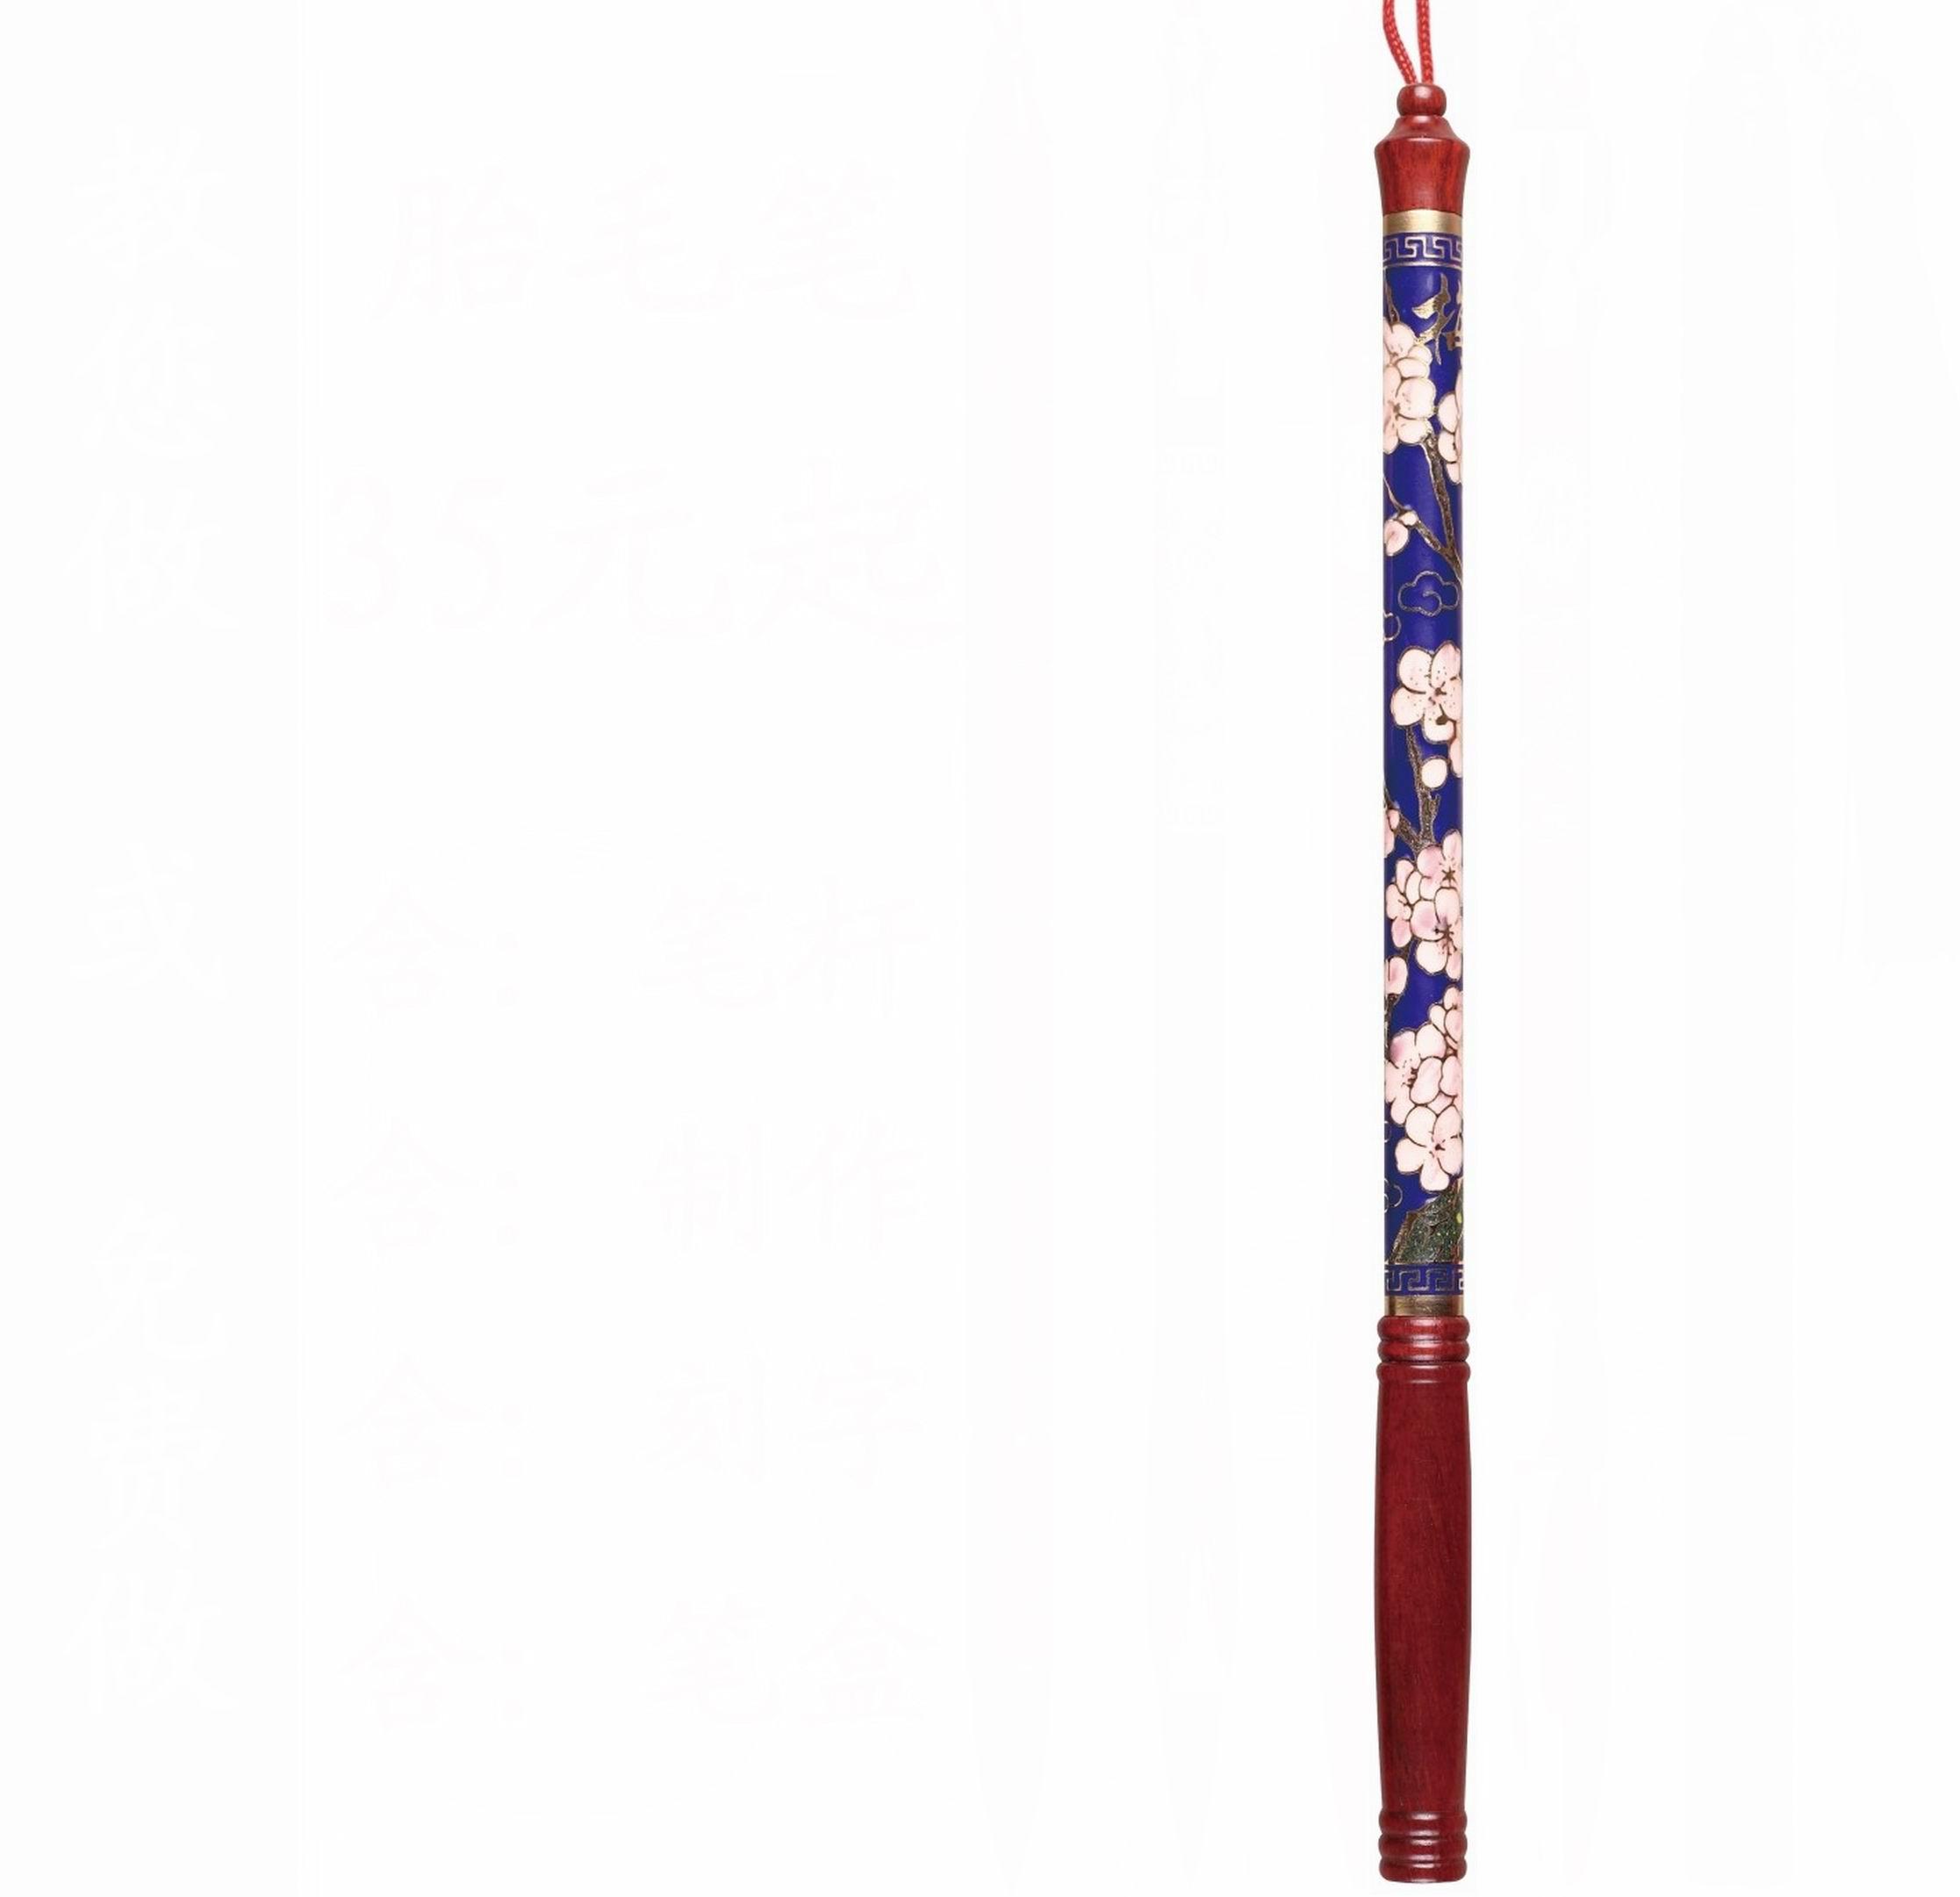 胎毛笔厂家diy自制婴儿满月百天胎发笔杆纪念品制作定做章坠批发